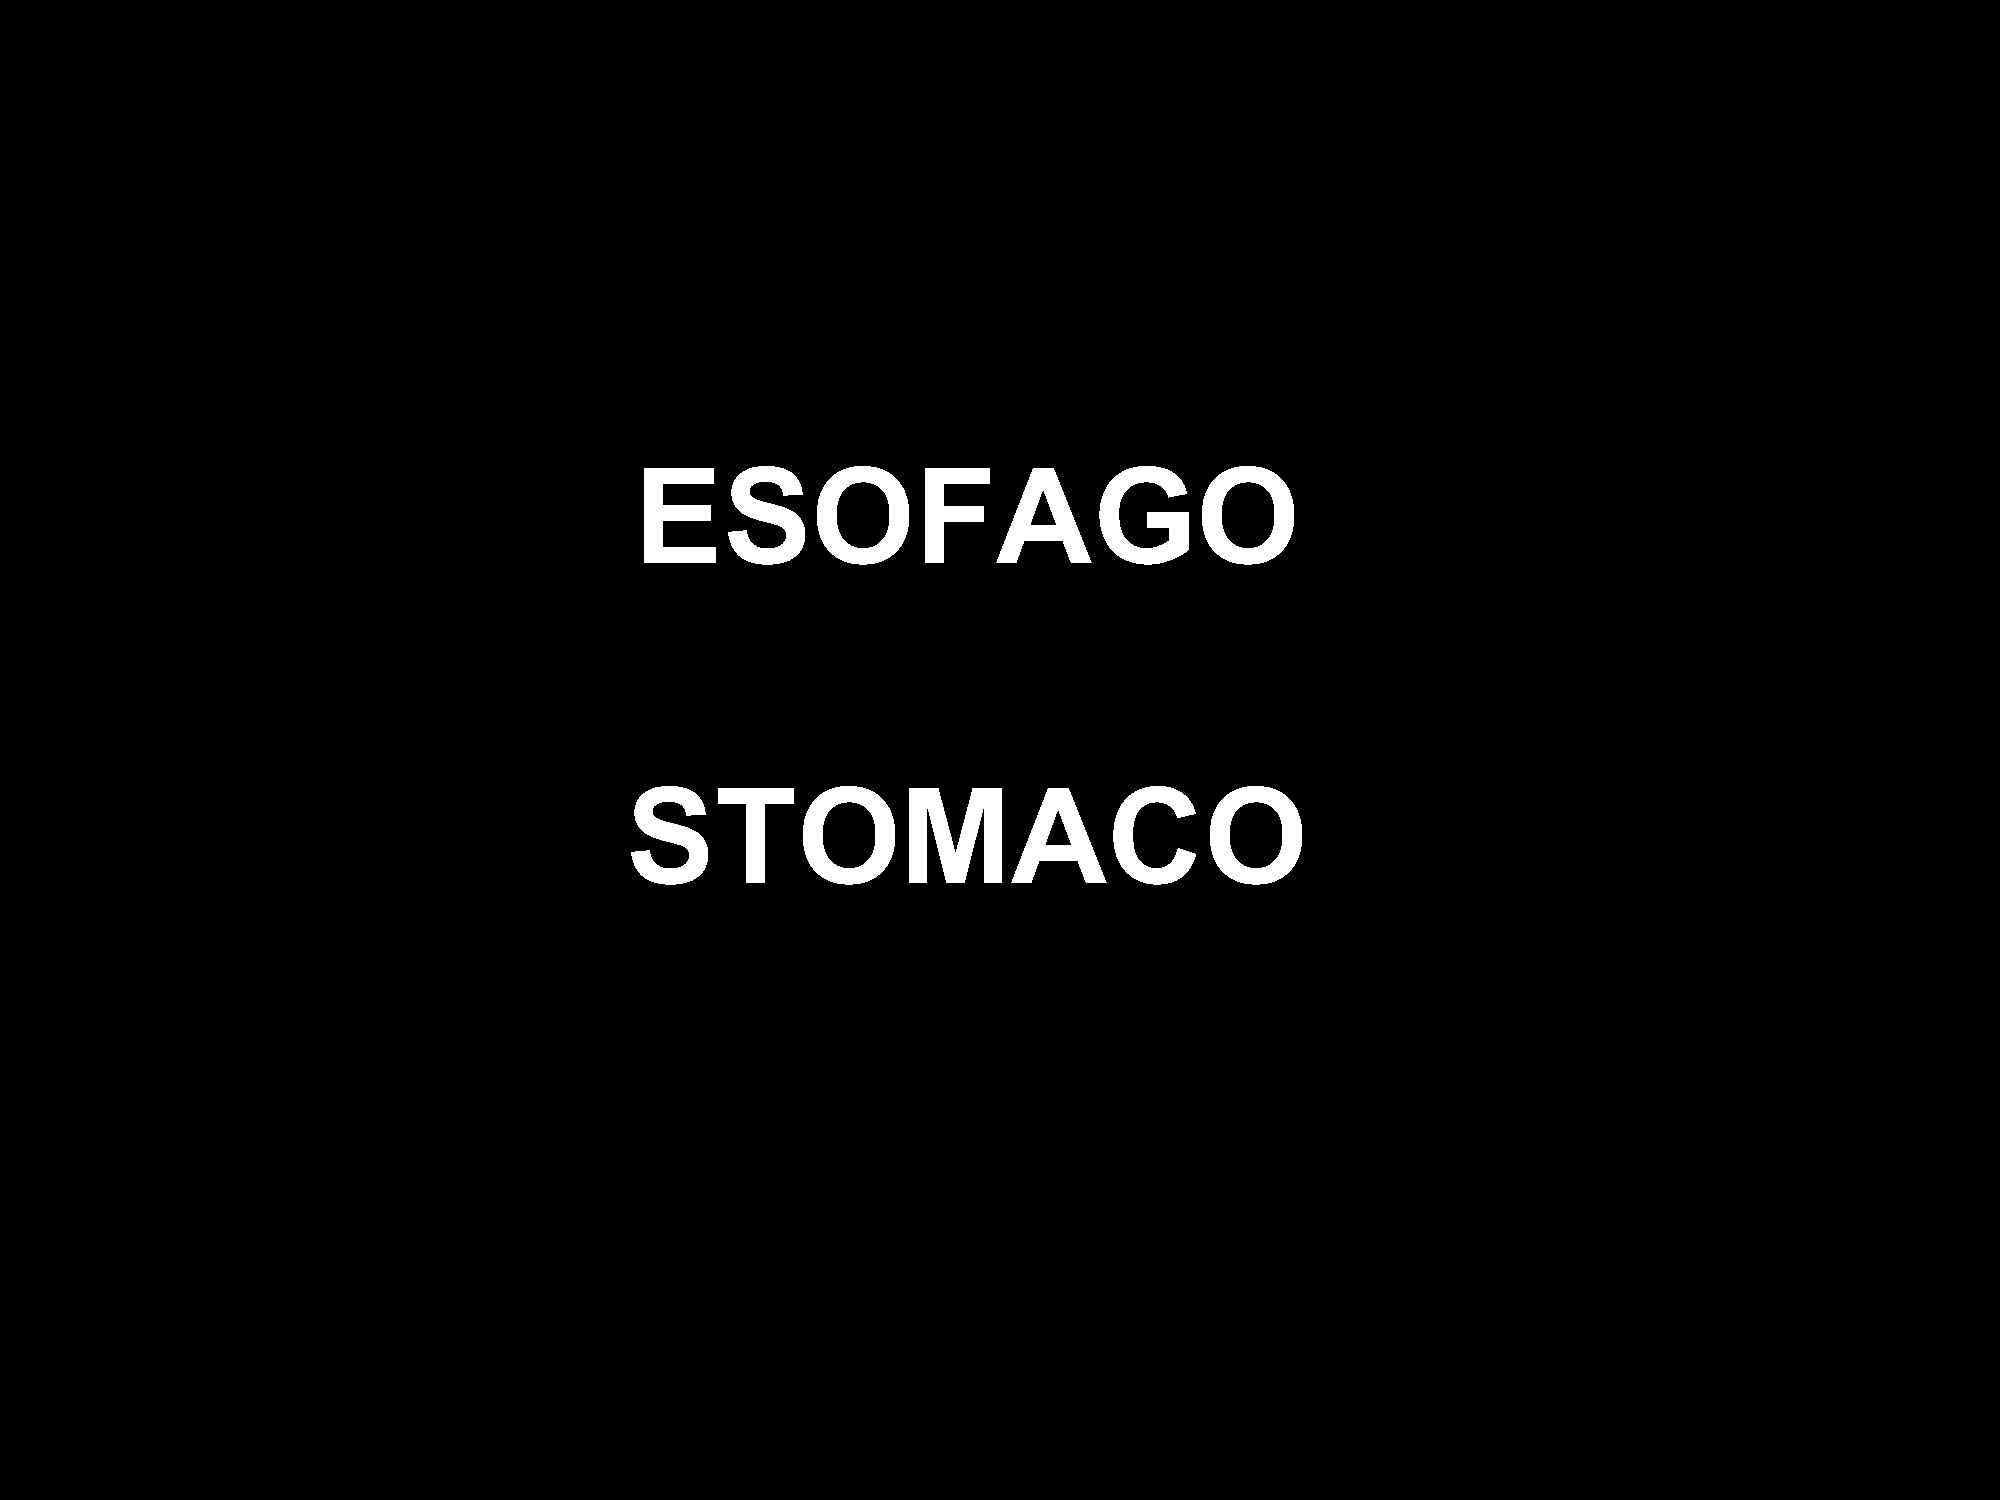 Istologia - Fegato, pancreas, stomaco, esofago